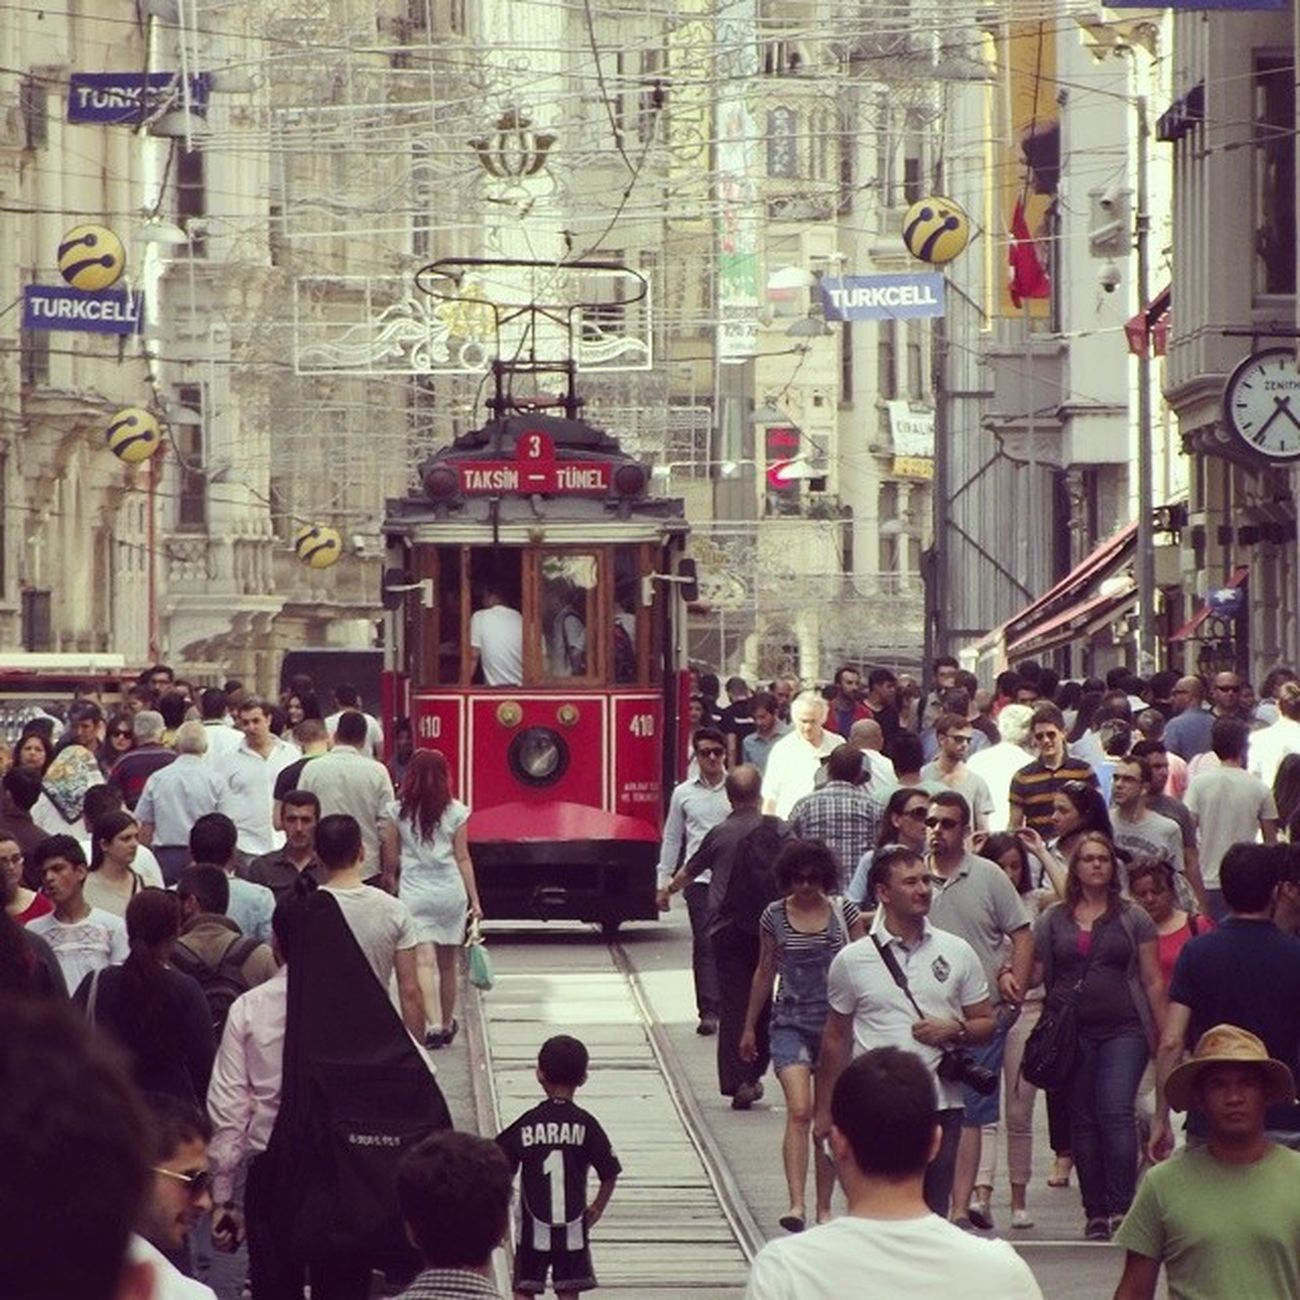 Tarihi Dokusuyla Kültürel çeşitliliğiyle beyoğlu istiklal caddesi Photo by @orhnycl